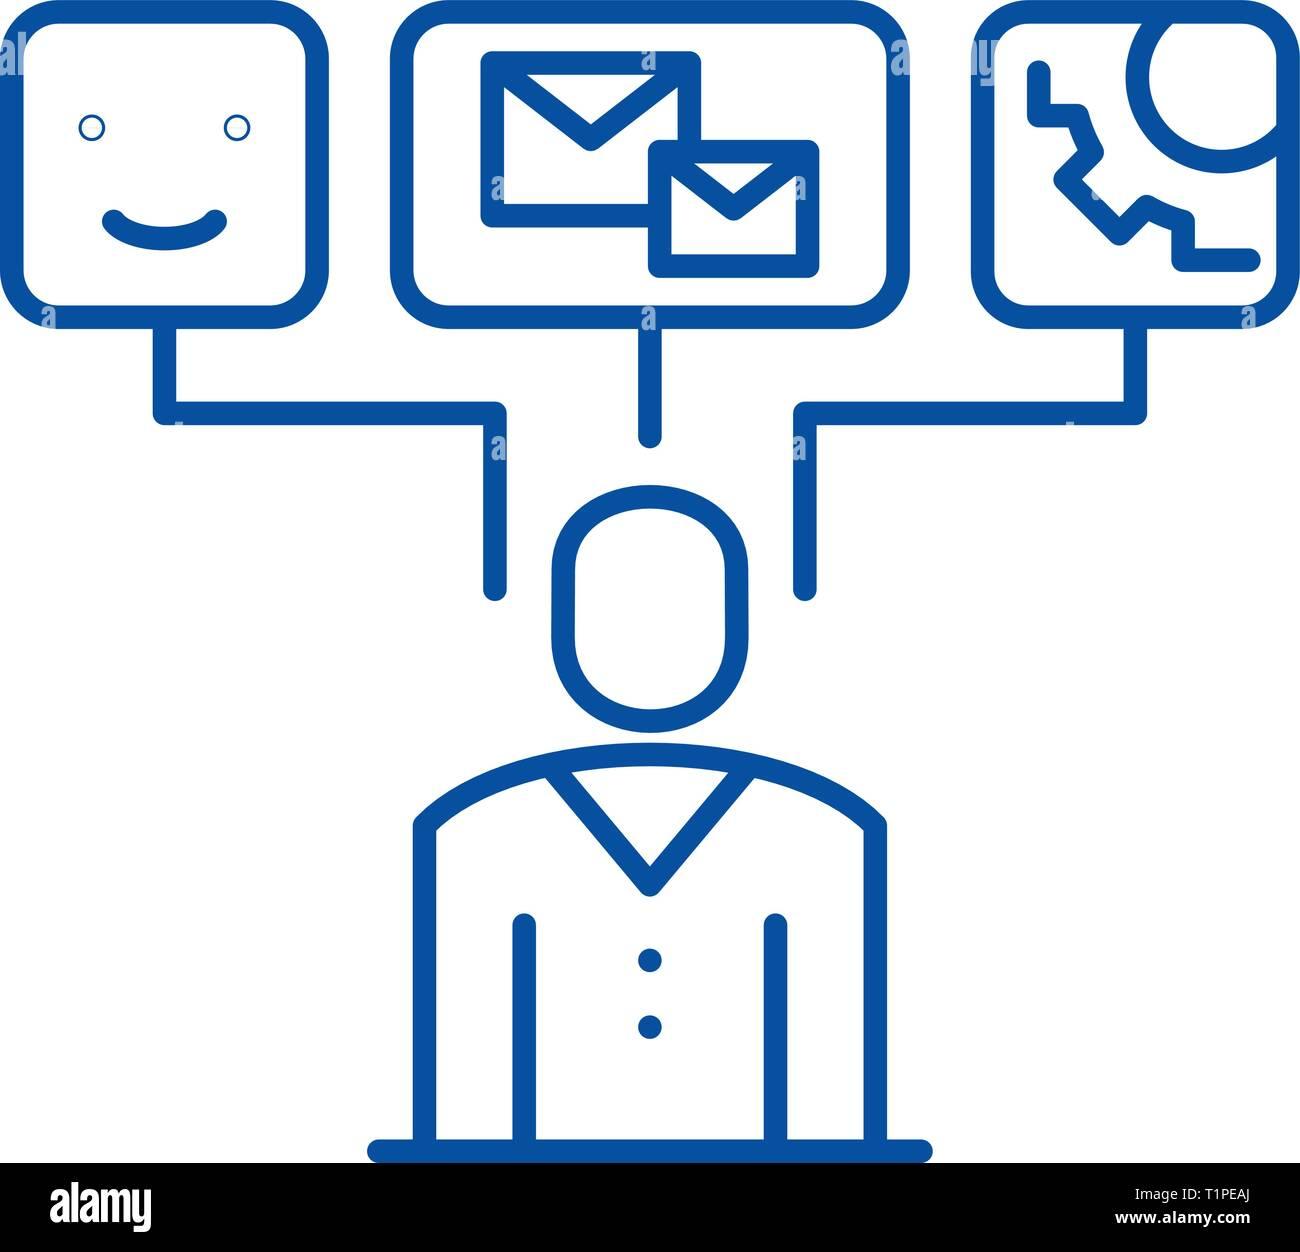 L'icône de la ligne de visualisation de données concept. La visualisation de données vecteur télévision symbole, signe, contours illustration. Photo Stock